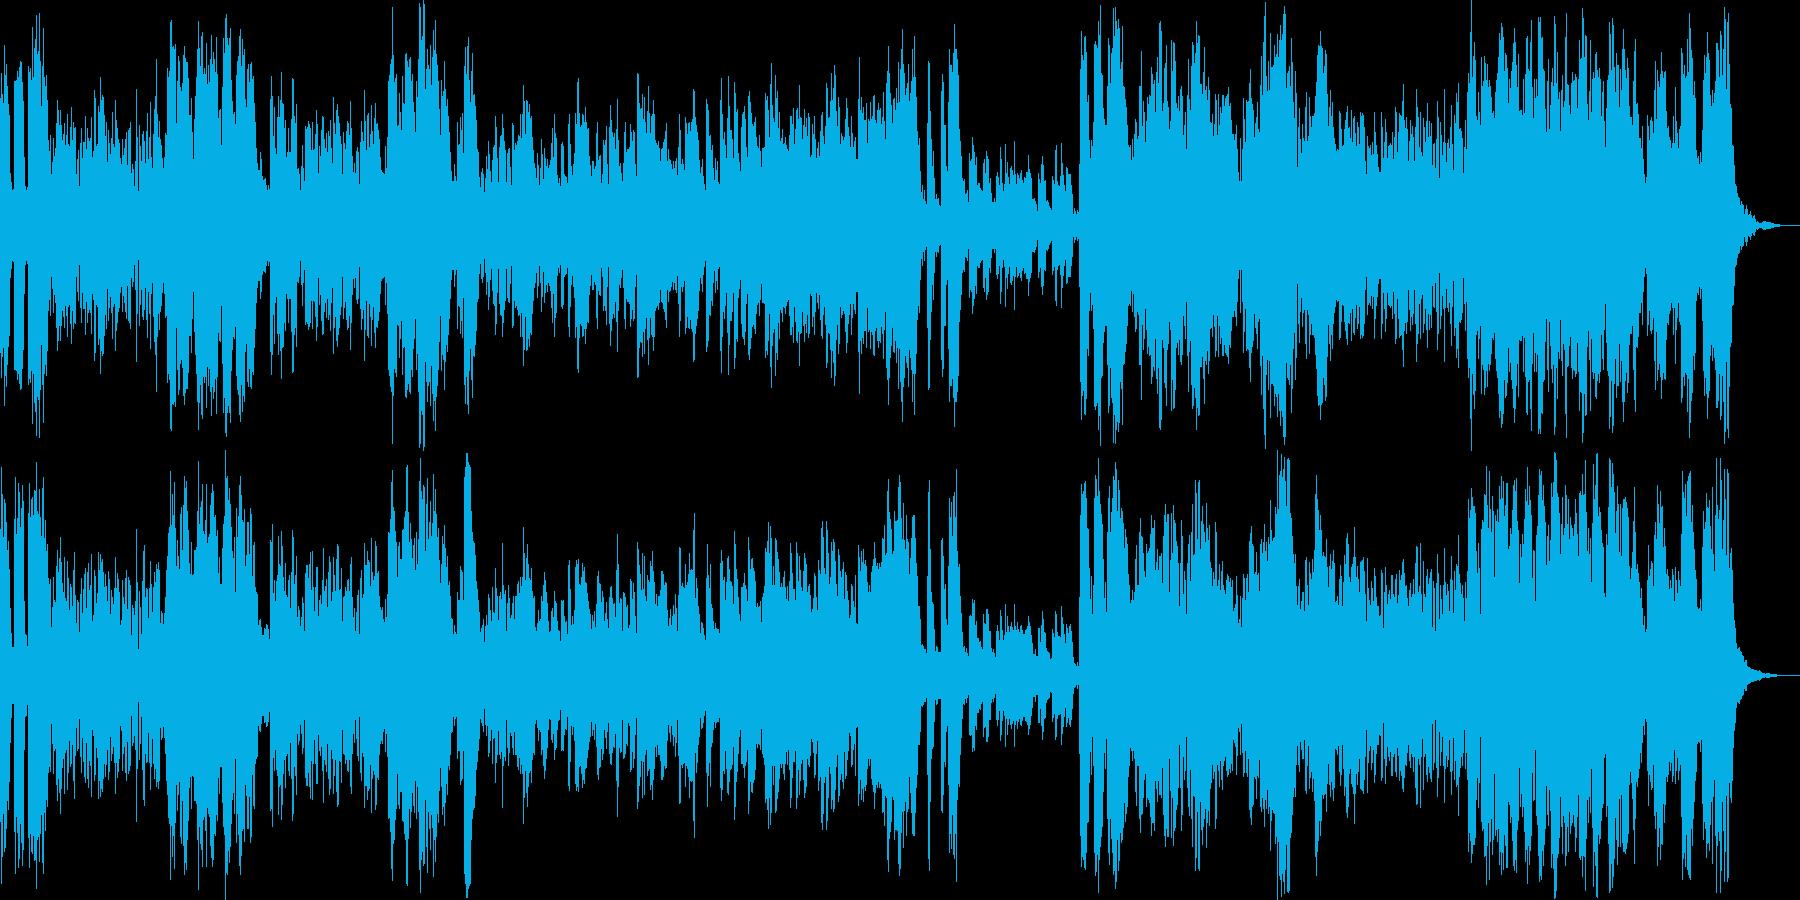 運動会にぴったりな吹奏楽のマーチの再生済みの波形